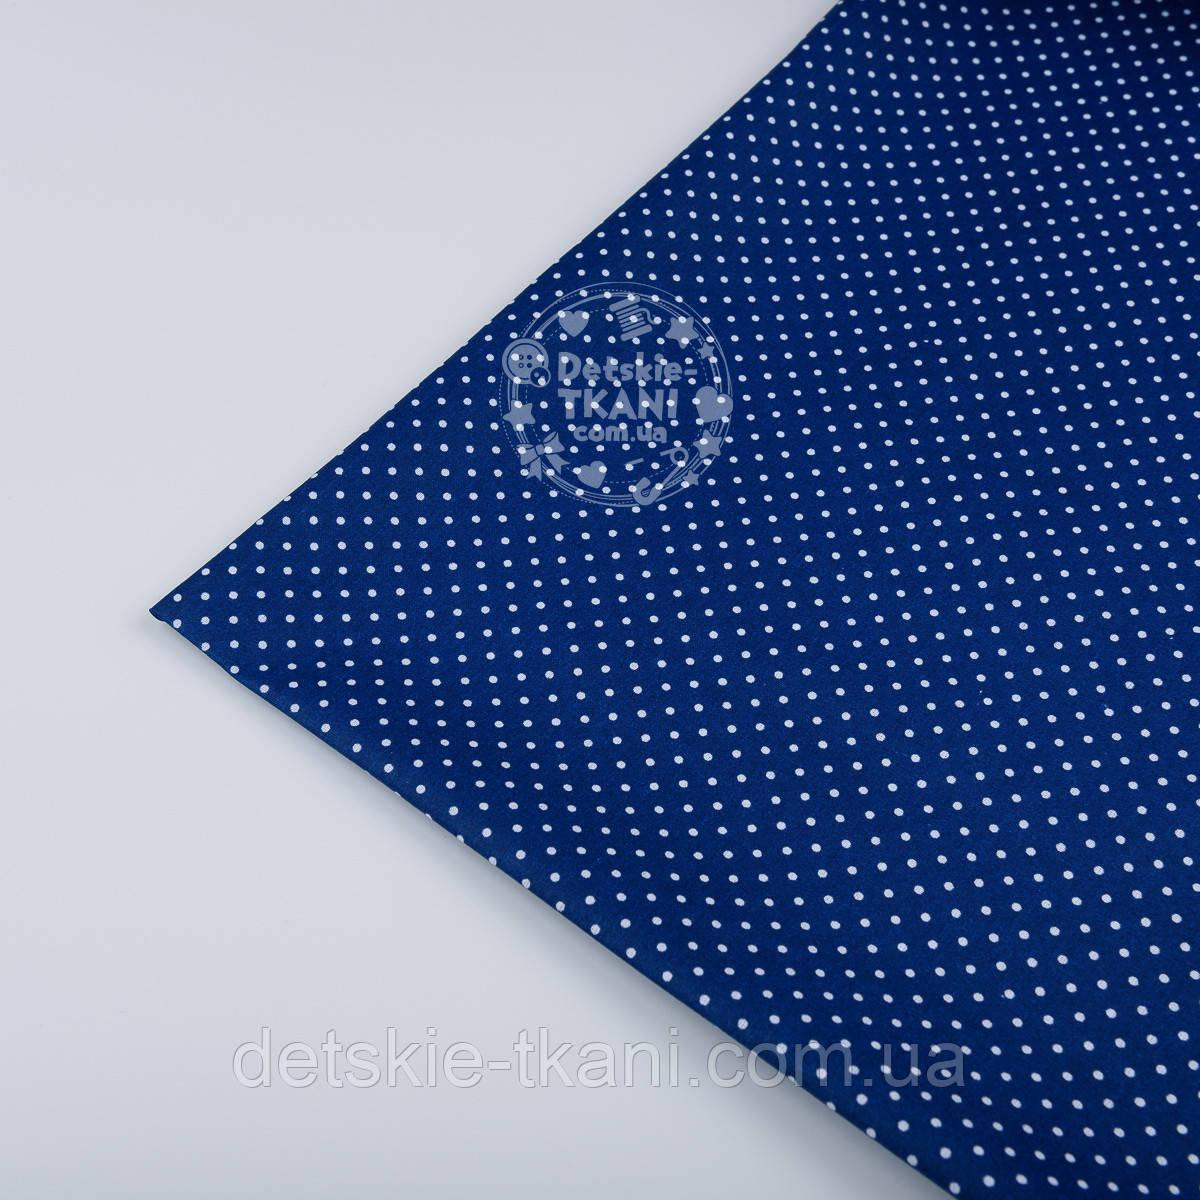 Отрез ткани №141 с мелким белым горошком на тёмно-синем фоне, размер 70*160